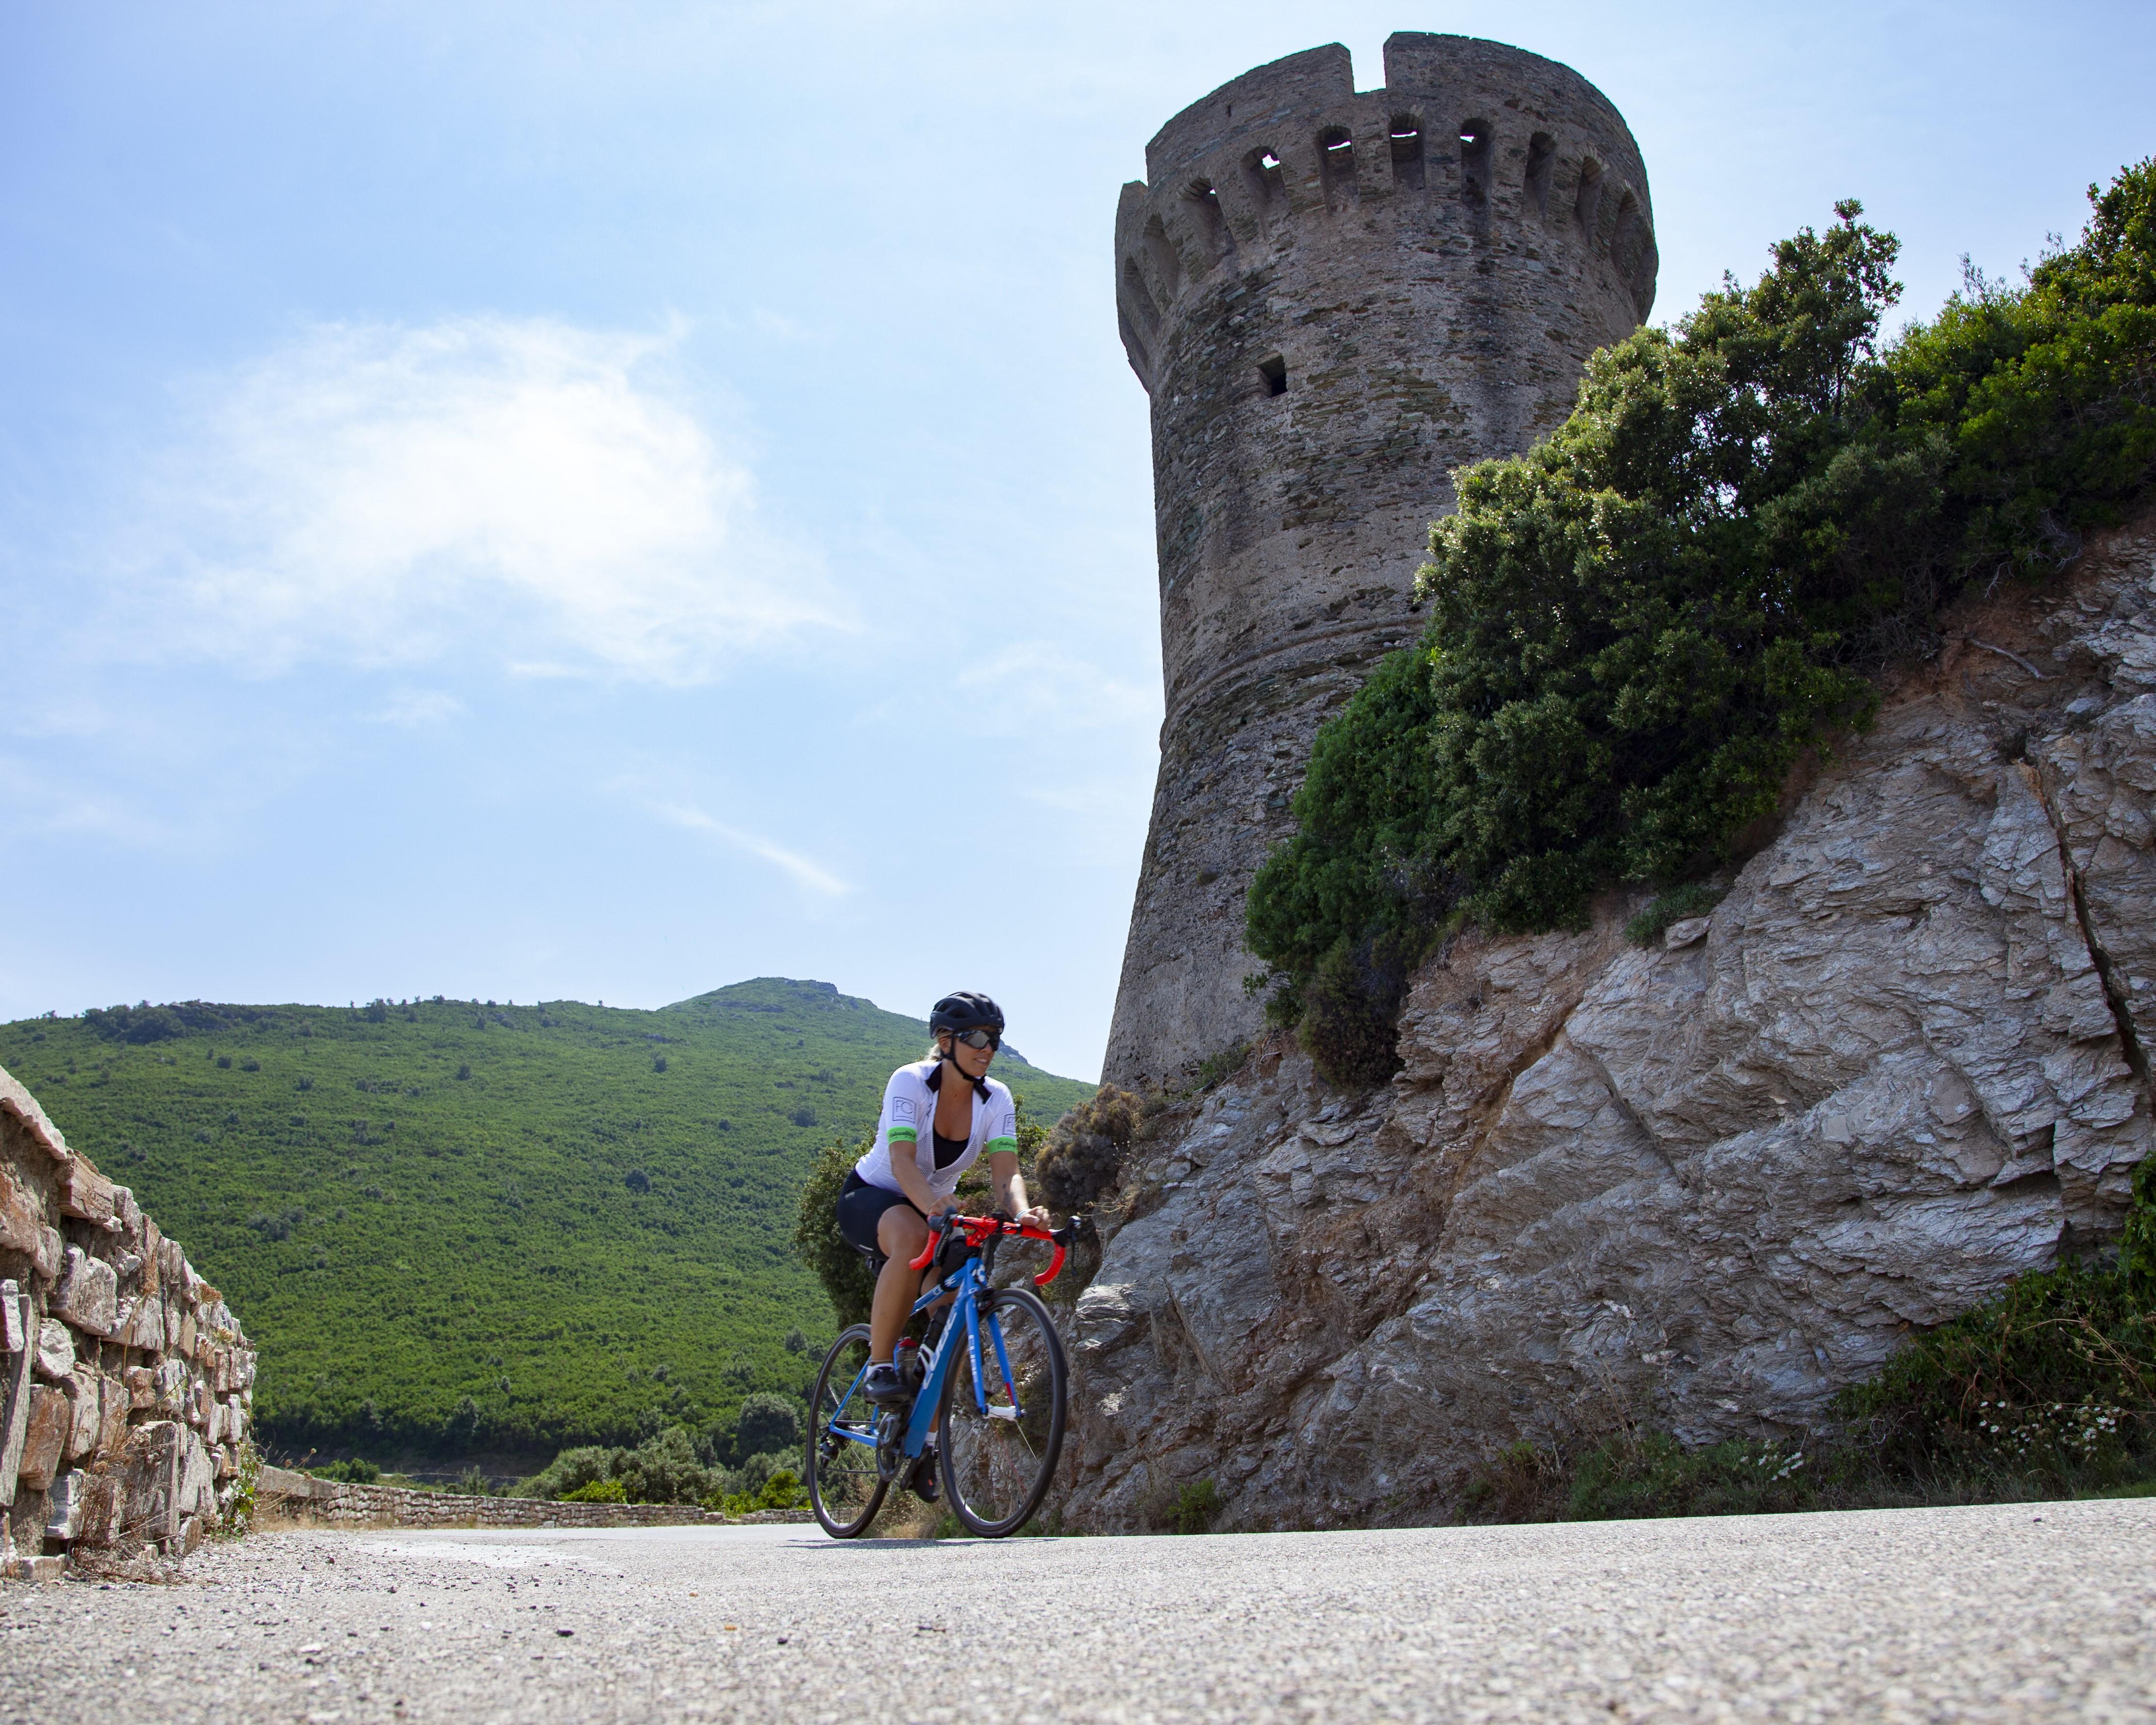 En vélo route, VTT, VAE, des parcours à travers tout le territoire. Sylvain Alessendri.